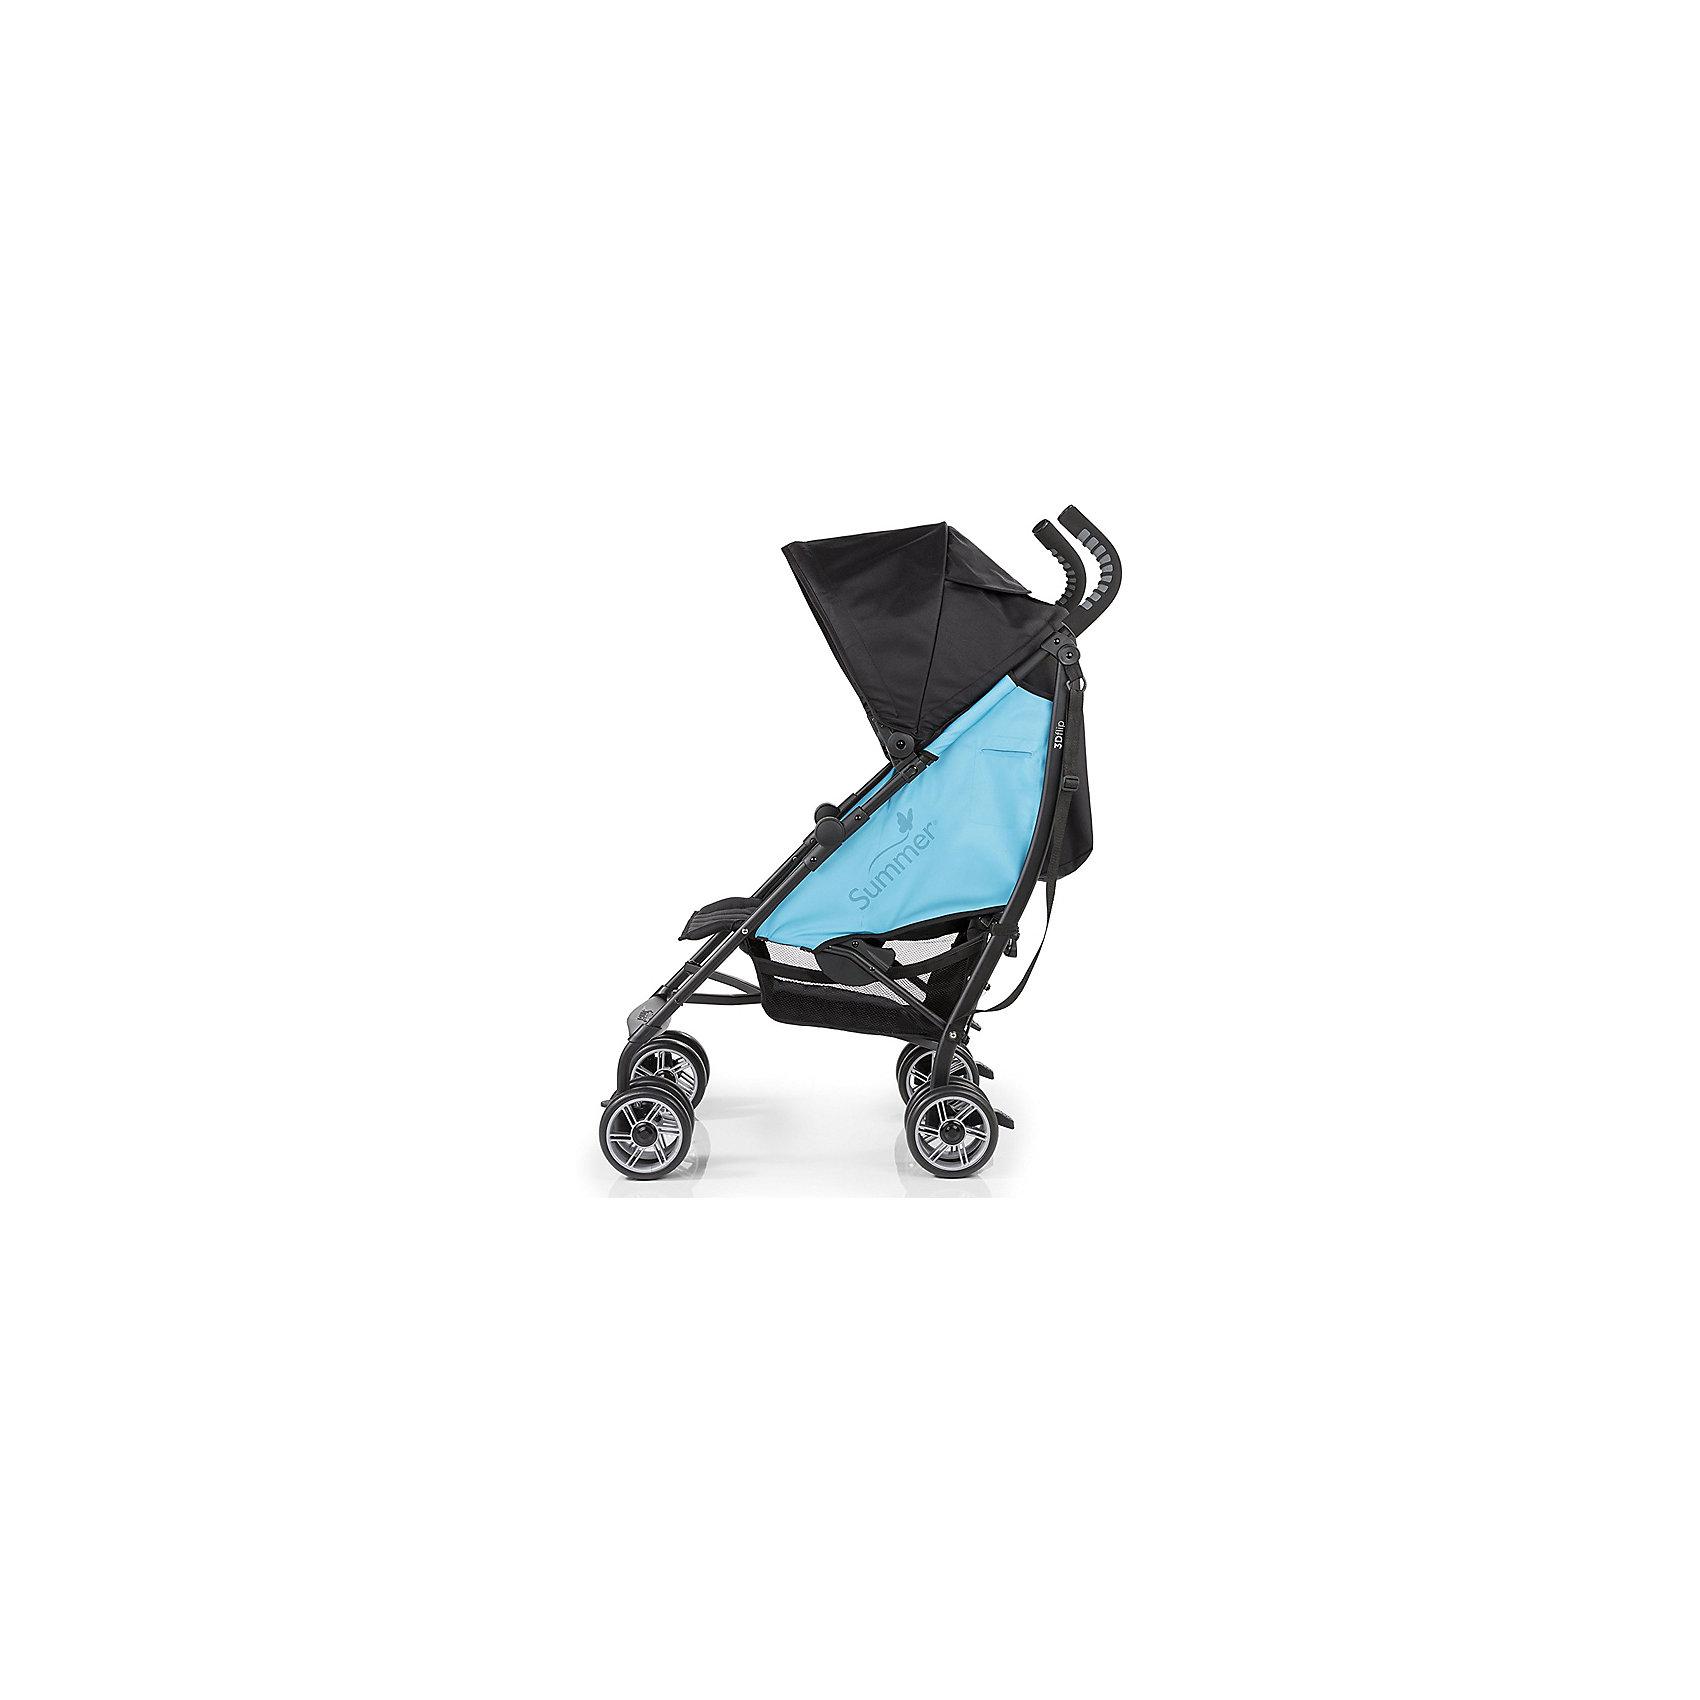 Коляска-трость Summer Infant 3D Flip, черный/голубойКоляски-трости<br>Характеристики коляски:<br><br>• спинка коляски опускается до горизонтального положения, регулируется в 6-ти позициях;<br>• двустороннее сиденье прогулочного блока позволяет использовать коляску в двух направлениях движения;<br>• ребенок может лежать или сидеть в коляске как лицом по ходу движения, так и лицом против хода движения;<br>• показатели роста и веса ребенка: до 22,7 кг и 109 см в положении «лицом вперед» и 11,3 кг и 76 см в положении «спинкой вперед»;<br>• капюшон регулируется по высоте и глубине, диапазон раскладывания составляет 180 градусов;<br>• капюшон оснащен смотровым окошком под клапаном на липучке;<br>• имеется кармашек для мелких аксессуаров;<br>• 5-ти точечные ремни безопасности с мягкими накладками надежно удерживают ребенка в прогулочном блоке;<br>• корзина для покупок, нагрузка 4,5 кг;<br>• подстаканник в комплекте;<br>• сдвоенные колеса, передние колеса оснащены поворотным механизмом с блокировкой, задние колеса – ножным тормозом;<br>• диаметр колес: 15 см;<br>• для переноски коляски в сложенном виде используется плечевой ремень;<br>• коляска складывается компактной «тростью».<br><br>Обратите внимание: <br><br>• коляска без бампера;<br>• подножка имеет одно положение;<br>• ручки коляски находятся на фиксированной высоте.<br><br>Размер коляски: 69х46х109 см<br>Размер коляски в сложенном виде: 102х32,5х24,5 см<br>Вес коляски: 8 кг<br>Вес в упаковке: 9 кг<br><br>Коляска-трость 3D Flip – полноценная летняя коляска с возможностью установки спинки в горизонтальном положении. Ребенок может спать в естественном положении тела, когда спинка, головка и ножки находятся в одной плоскости. Прогулочное сиденье является двусторонним, спинка может опускаться под углом 180 градусов в одну и другую сторону, высокие боковинки устанавливаются таким образом, что ребенок полностью защищен в коляске. Пока ребенок совсем маленький, рекомендуется везти его лицом к маме, а подросшего ребенка лучше